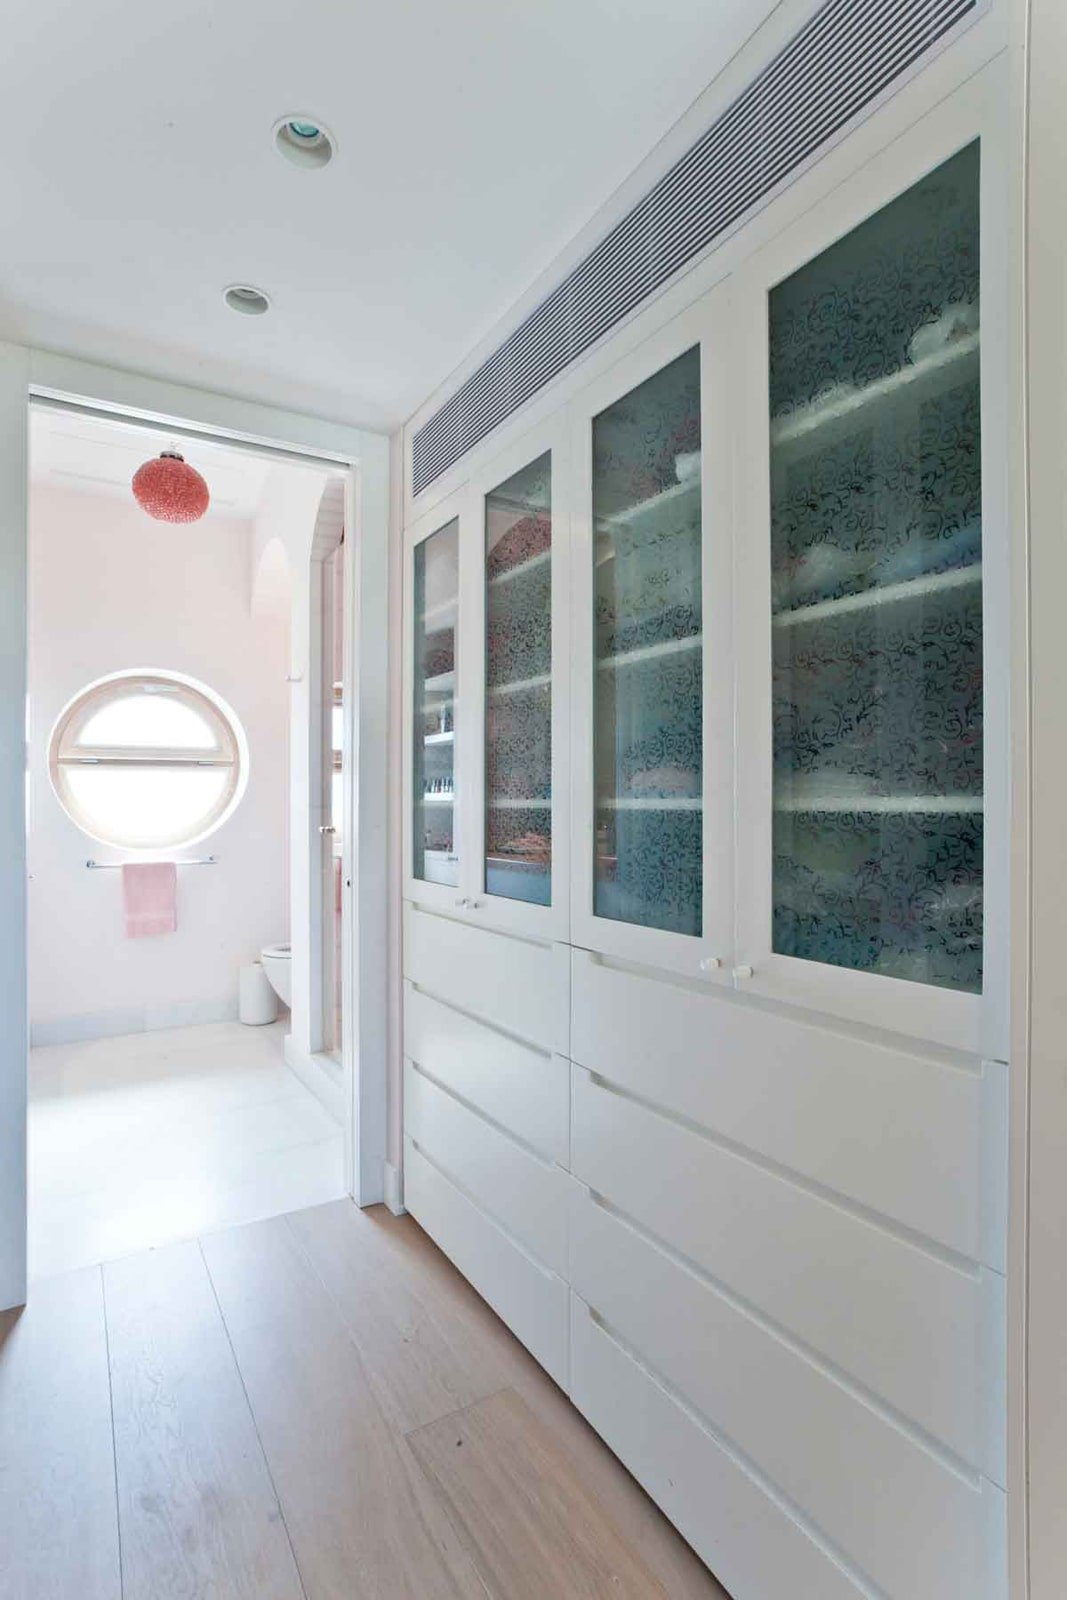 ארון בגדים חדר ארונות צבע ויטרינות וטרינות זכוכית